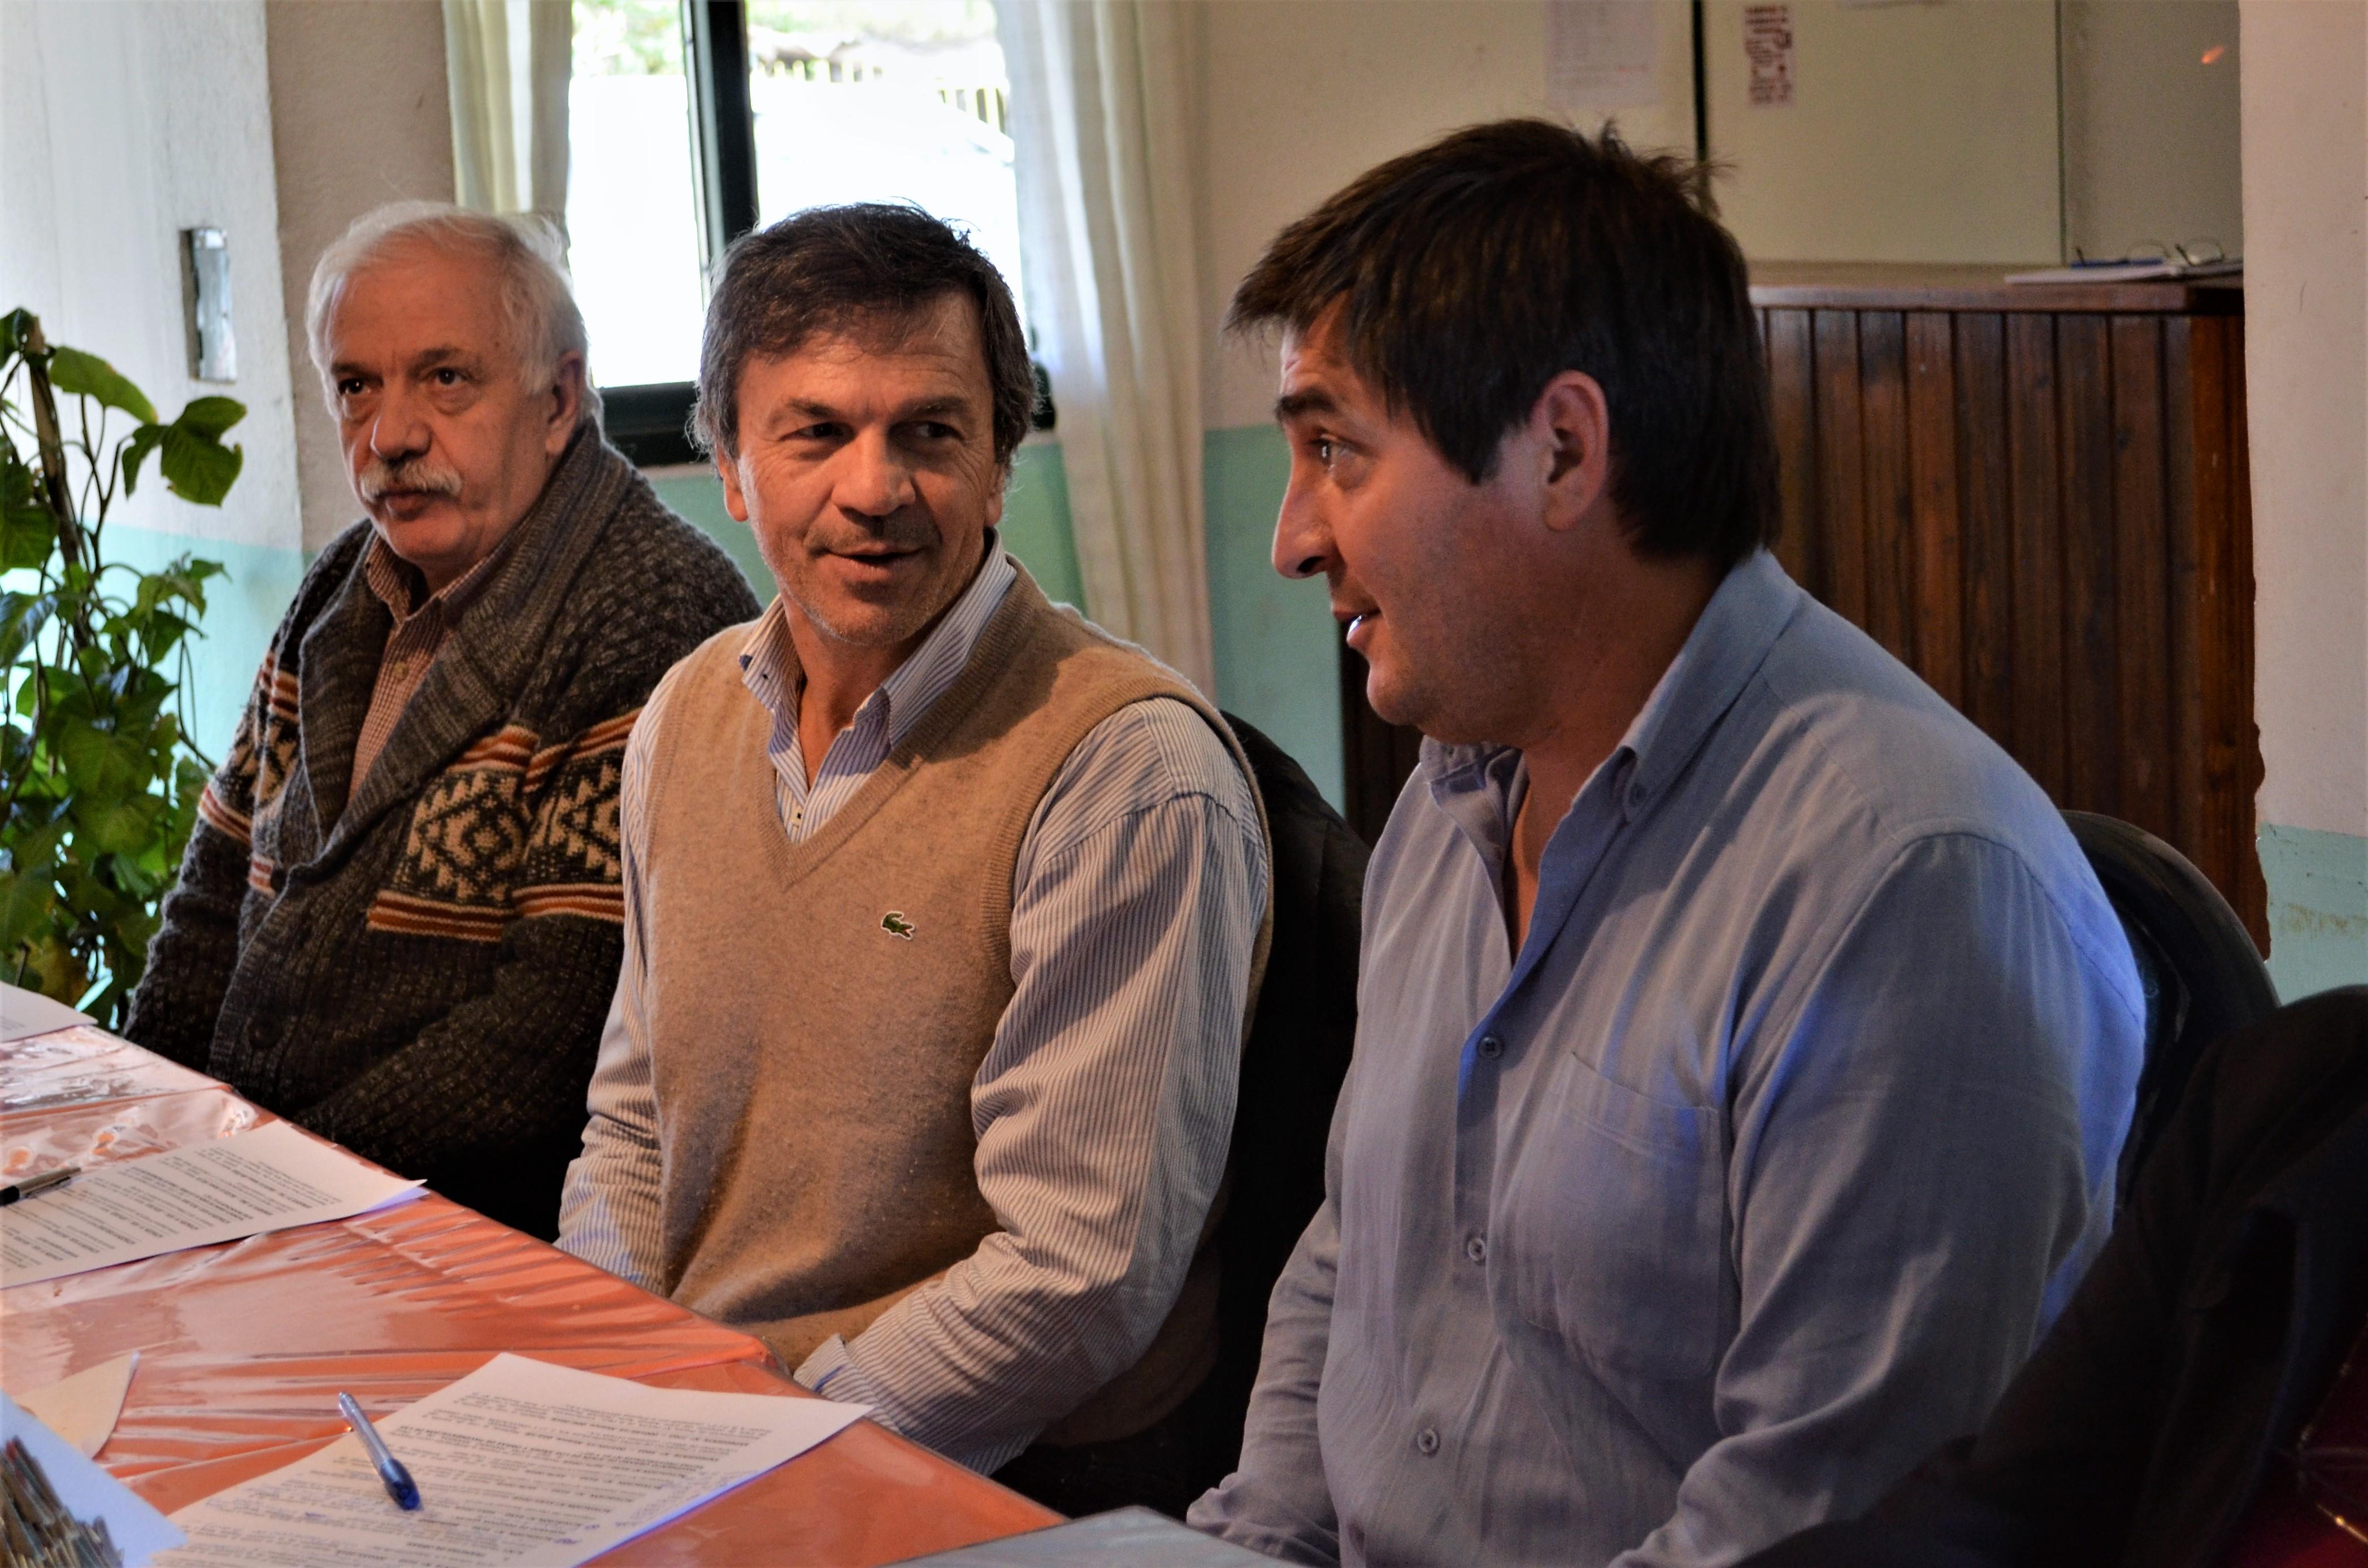 Edgardo Sapag, Juan Carlos Schenk y Paulo Martín Gonzalez, Intendente de Tricao Malal